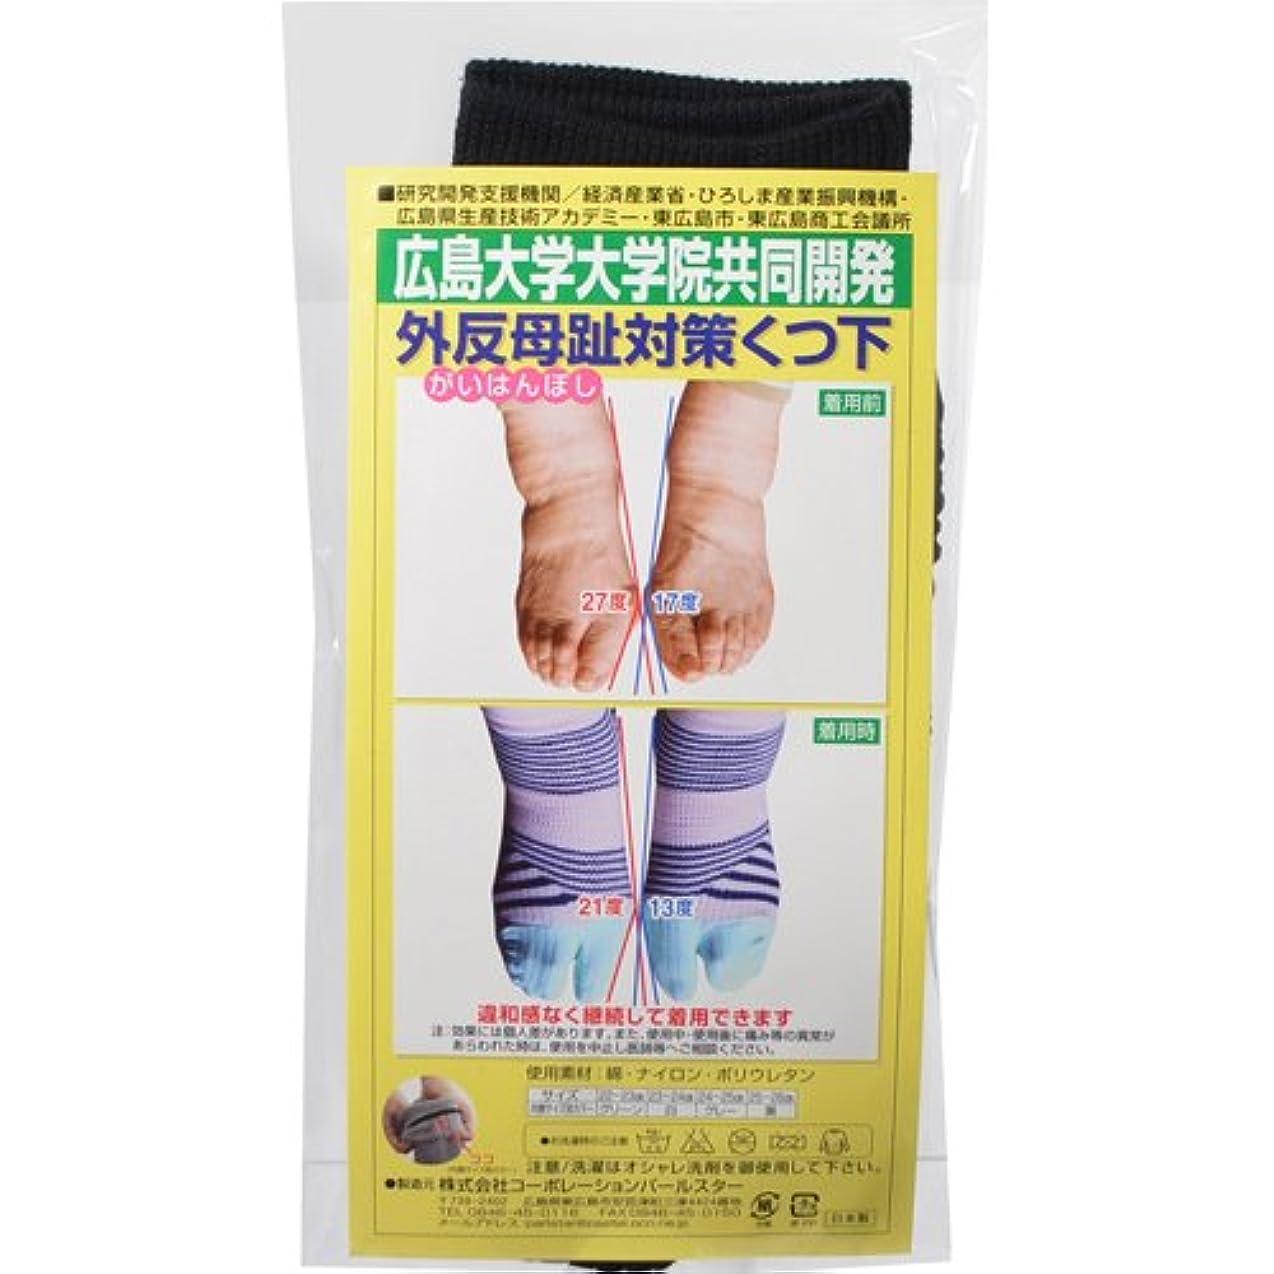 旅世辞ブレースコーポレーションパールスター 外反母趾対策靴下(通常タイプ) 黒 23-24cm